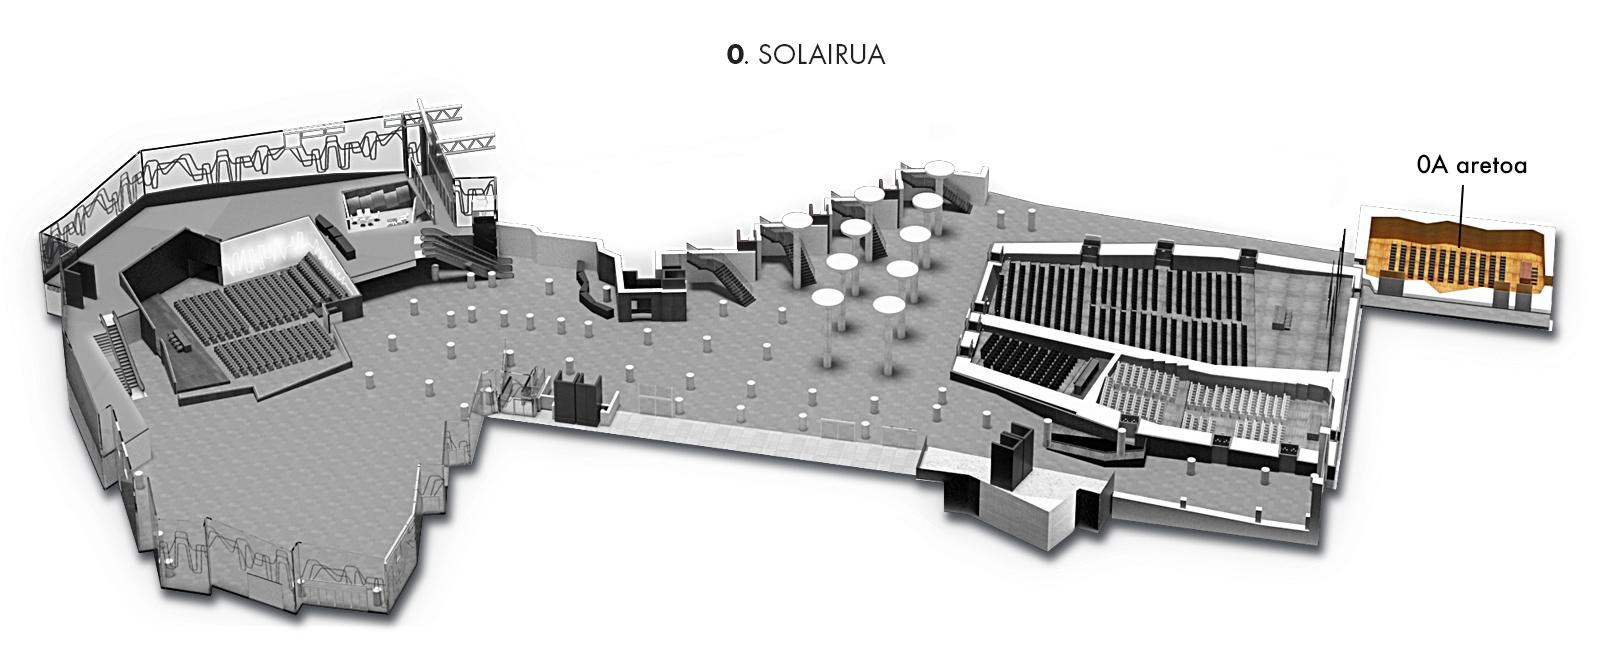 0A aretoa, 0. solairua   Palacio Euskalduna Jauregia